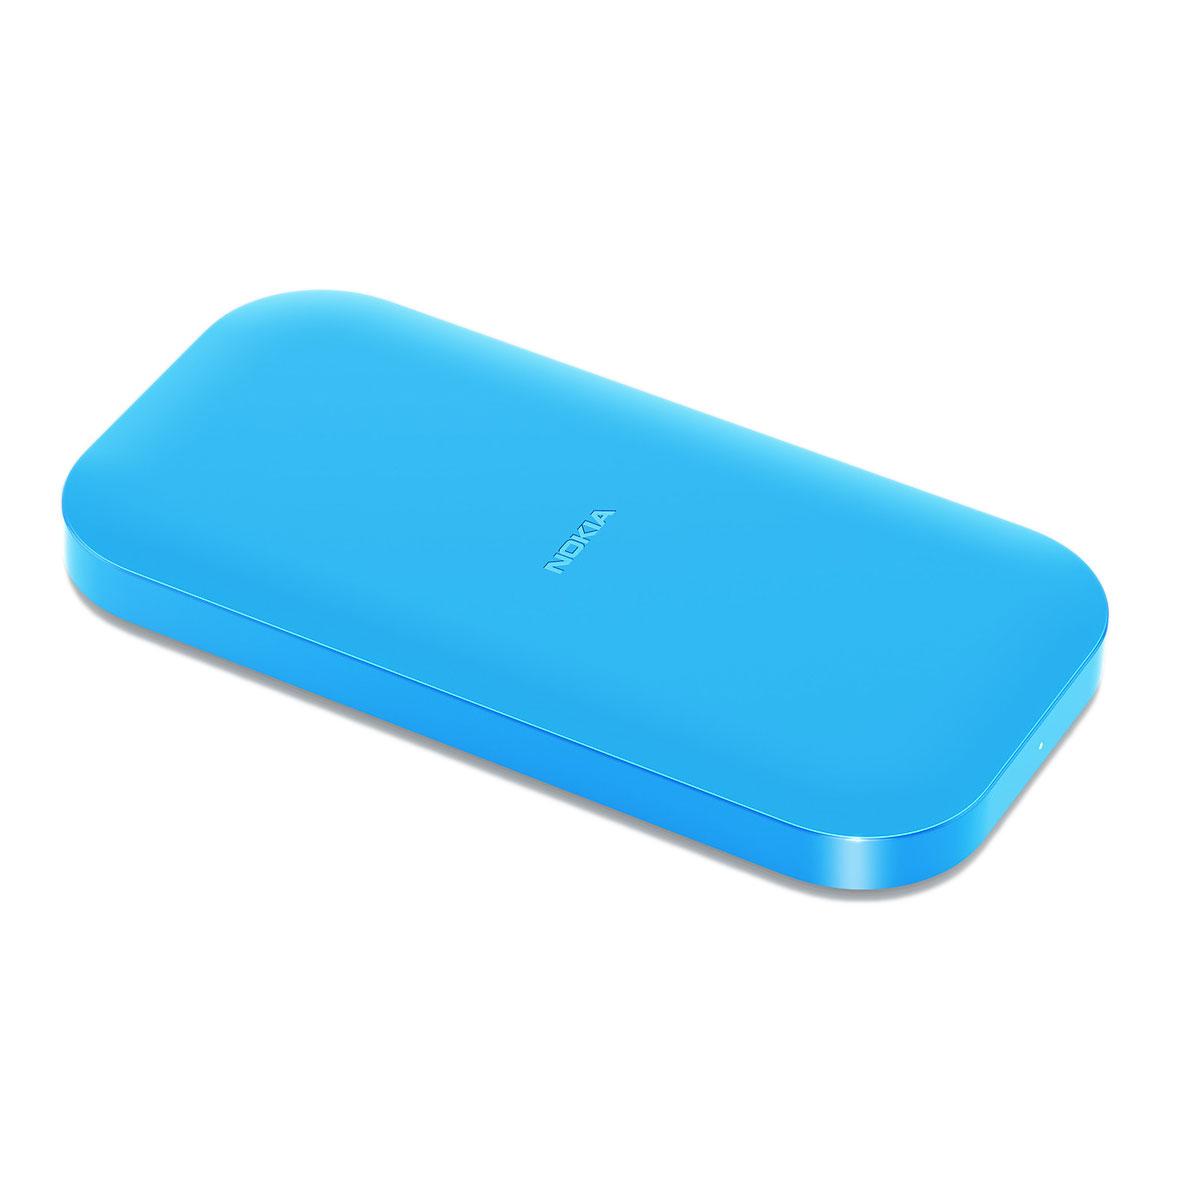 Nokia Socle De Chargement Sans Fil Dc 50 Bleu Chargeur